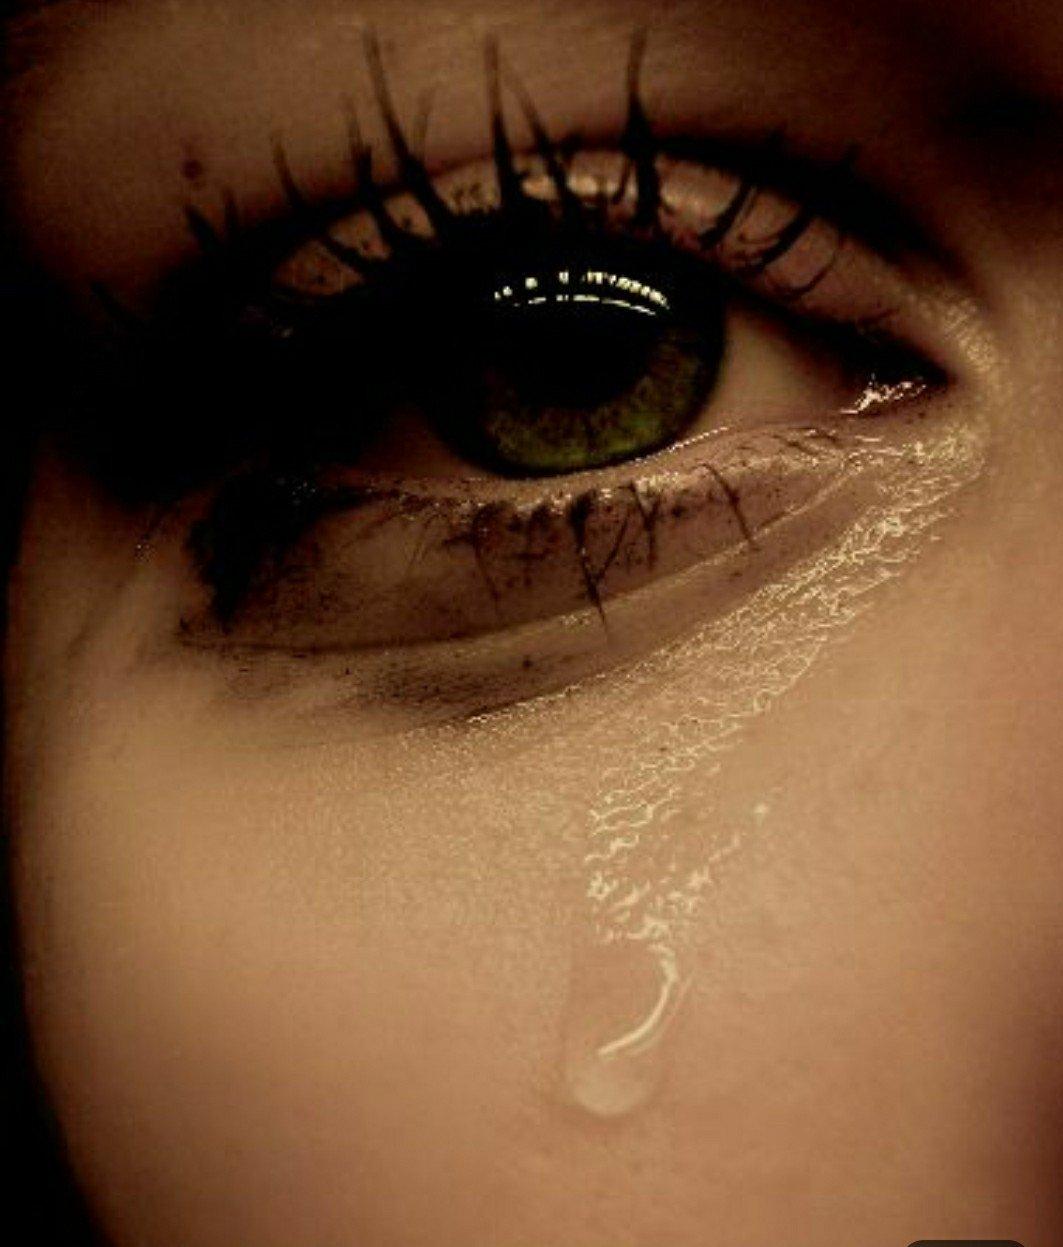 нас каждый плачущие картинки наполненные грустью сразу понравился